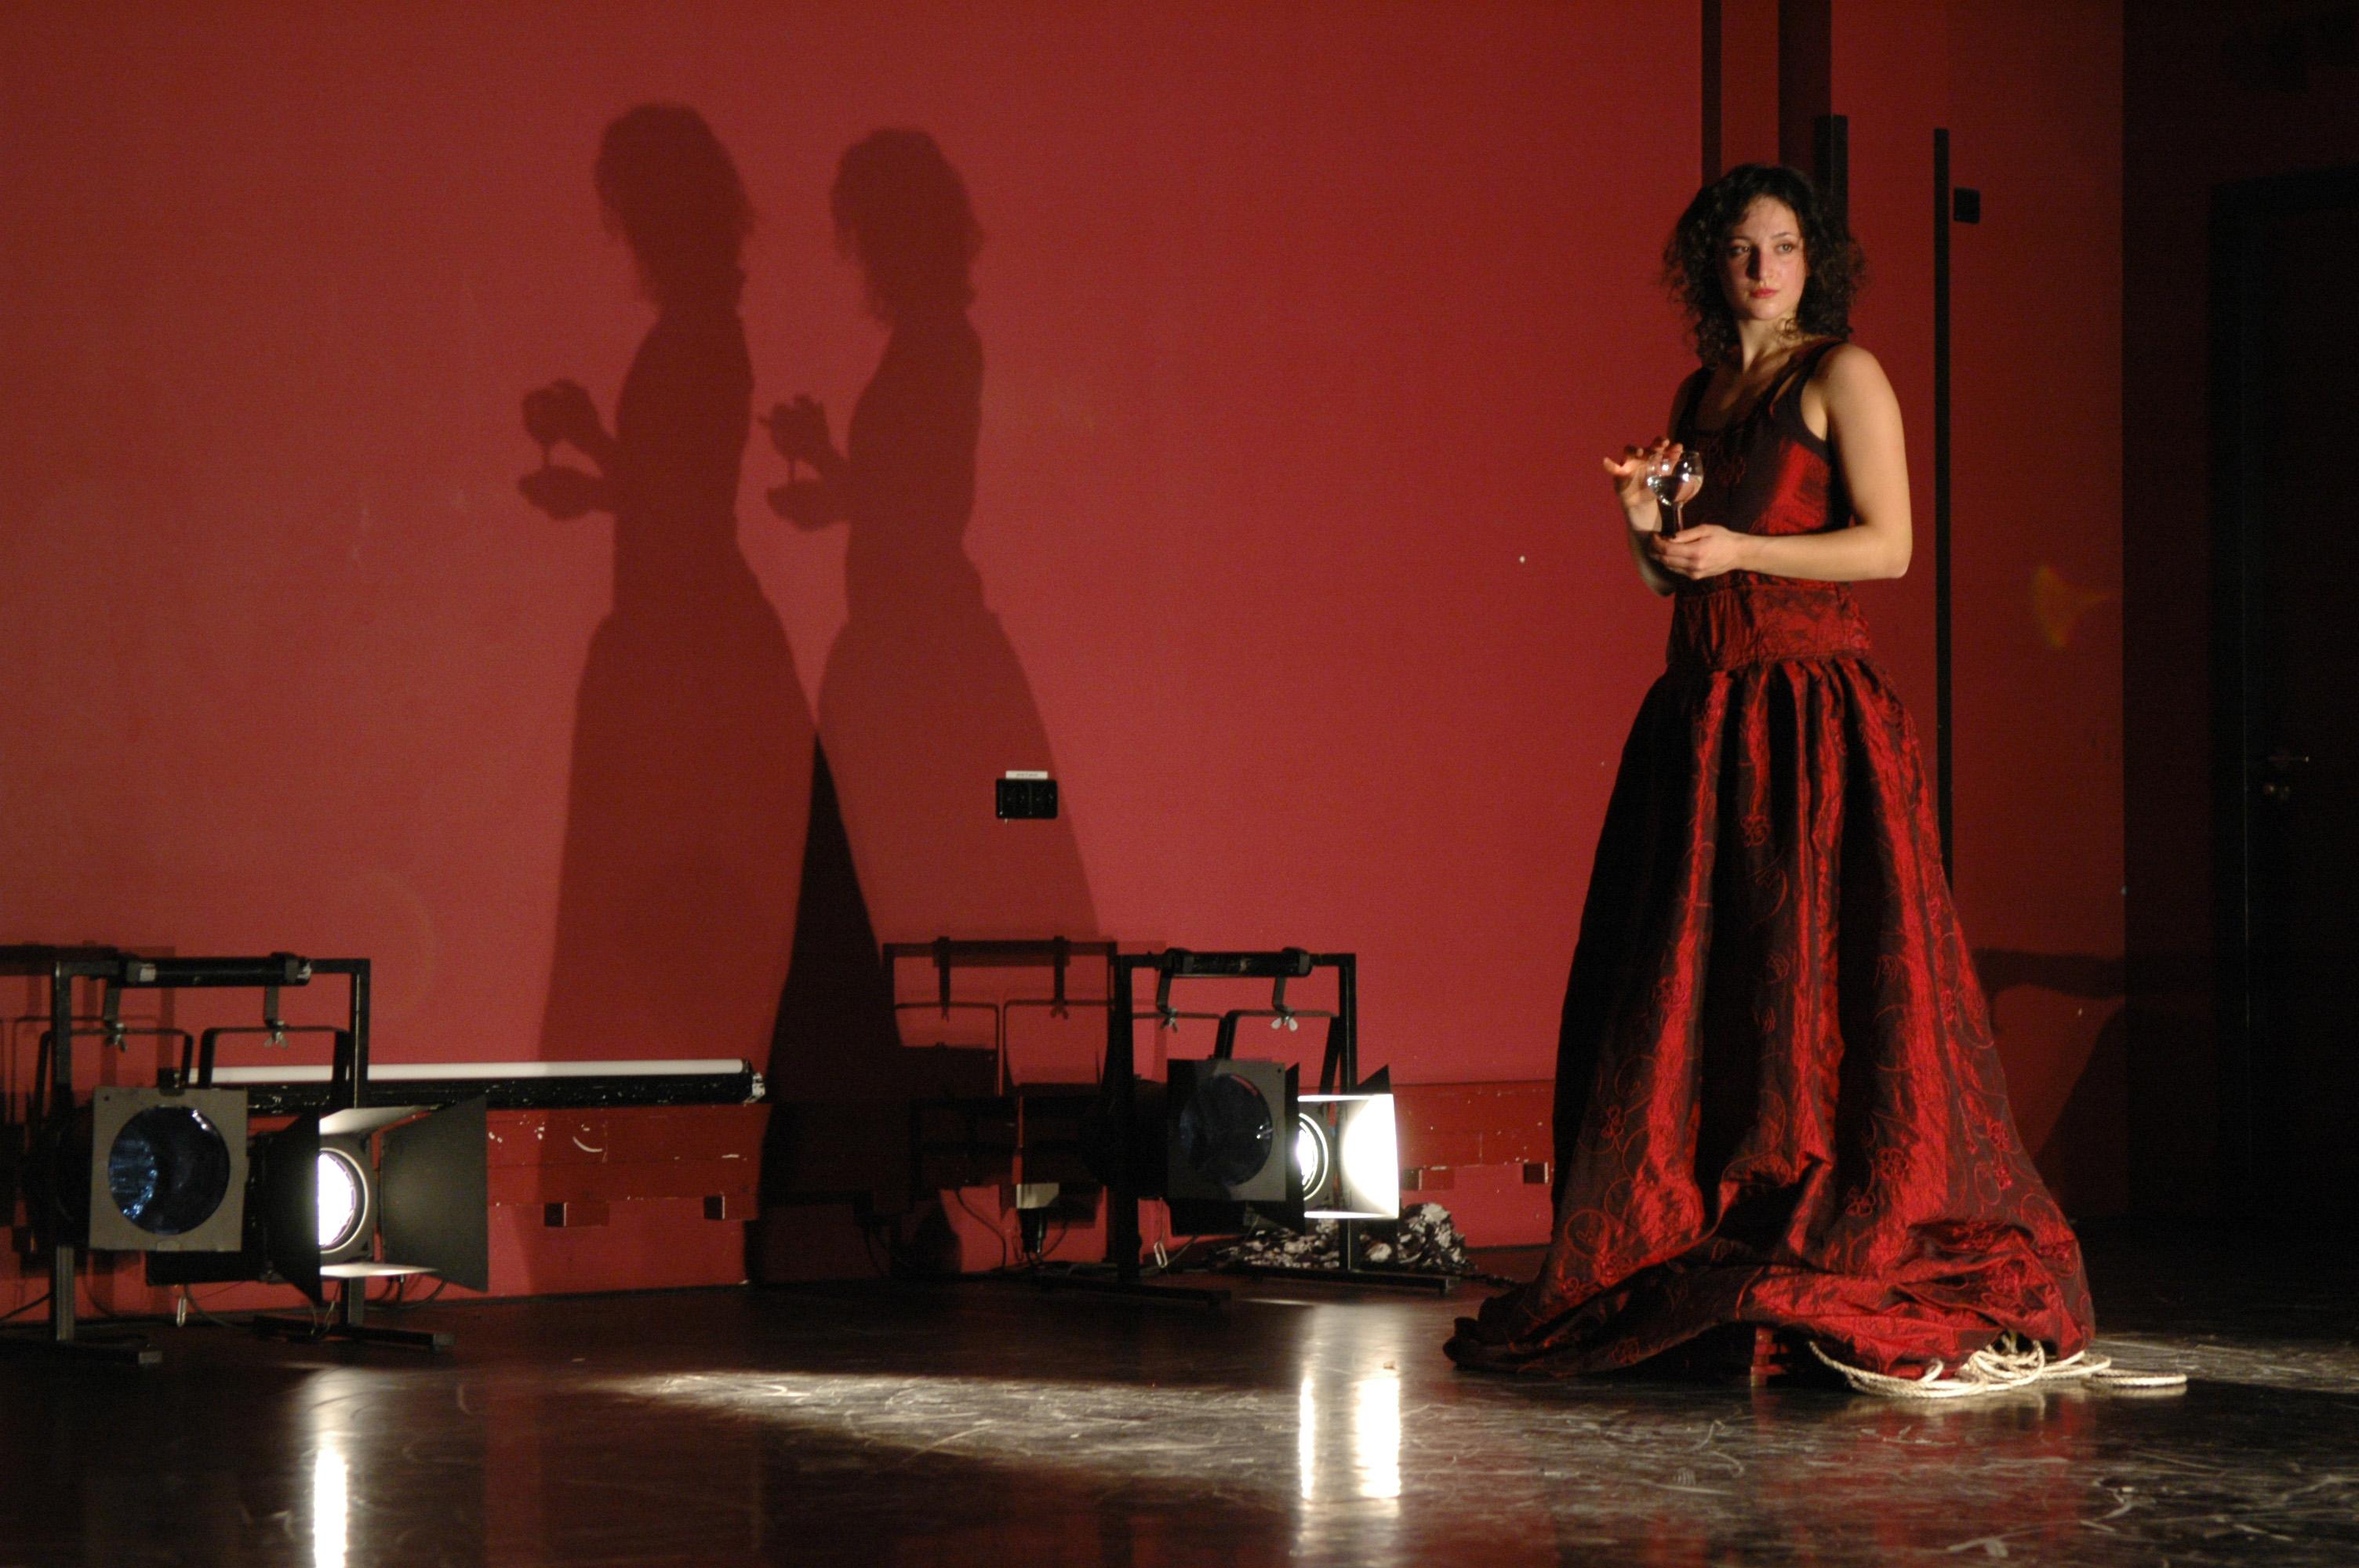 valeria bergamini danza contemporanea bologna spaziobologna corsi lezioni